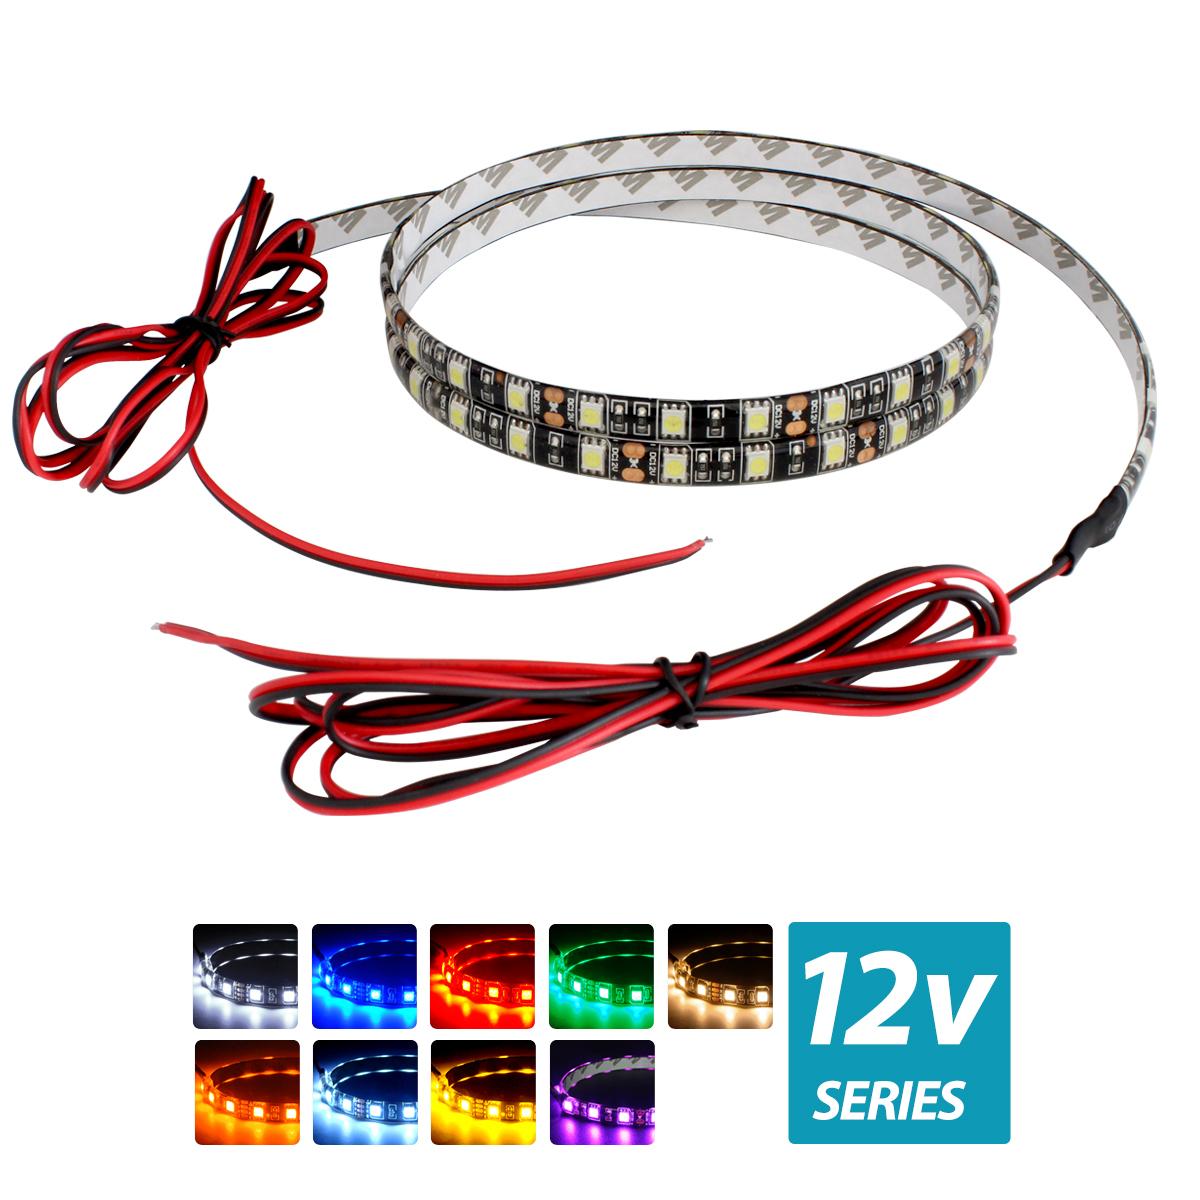 超安12V(ケーブル1.5m×1本) 防水LEDテープライト 3チップ 180cm 両端子 [黒ベース]